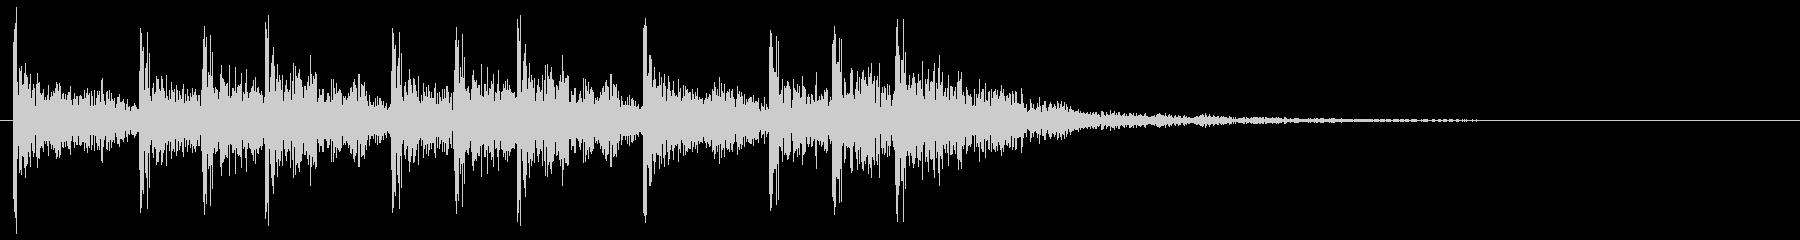 ティンパニのクリア 切替 場面転換音の未再生の波形